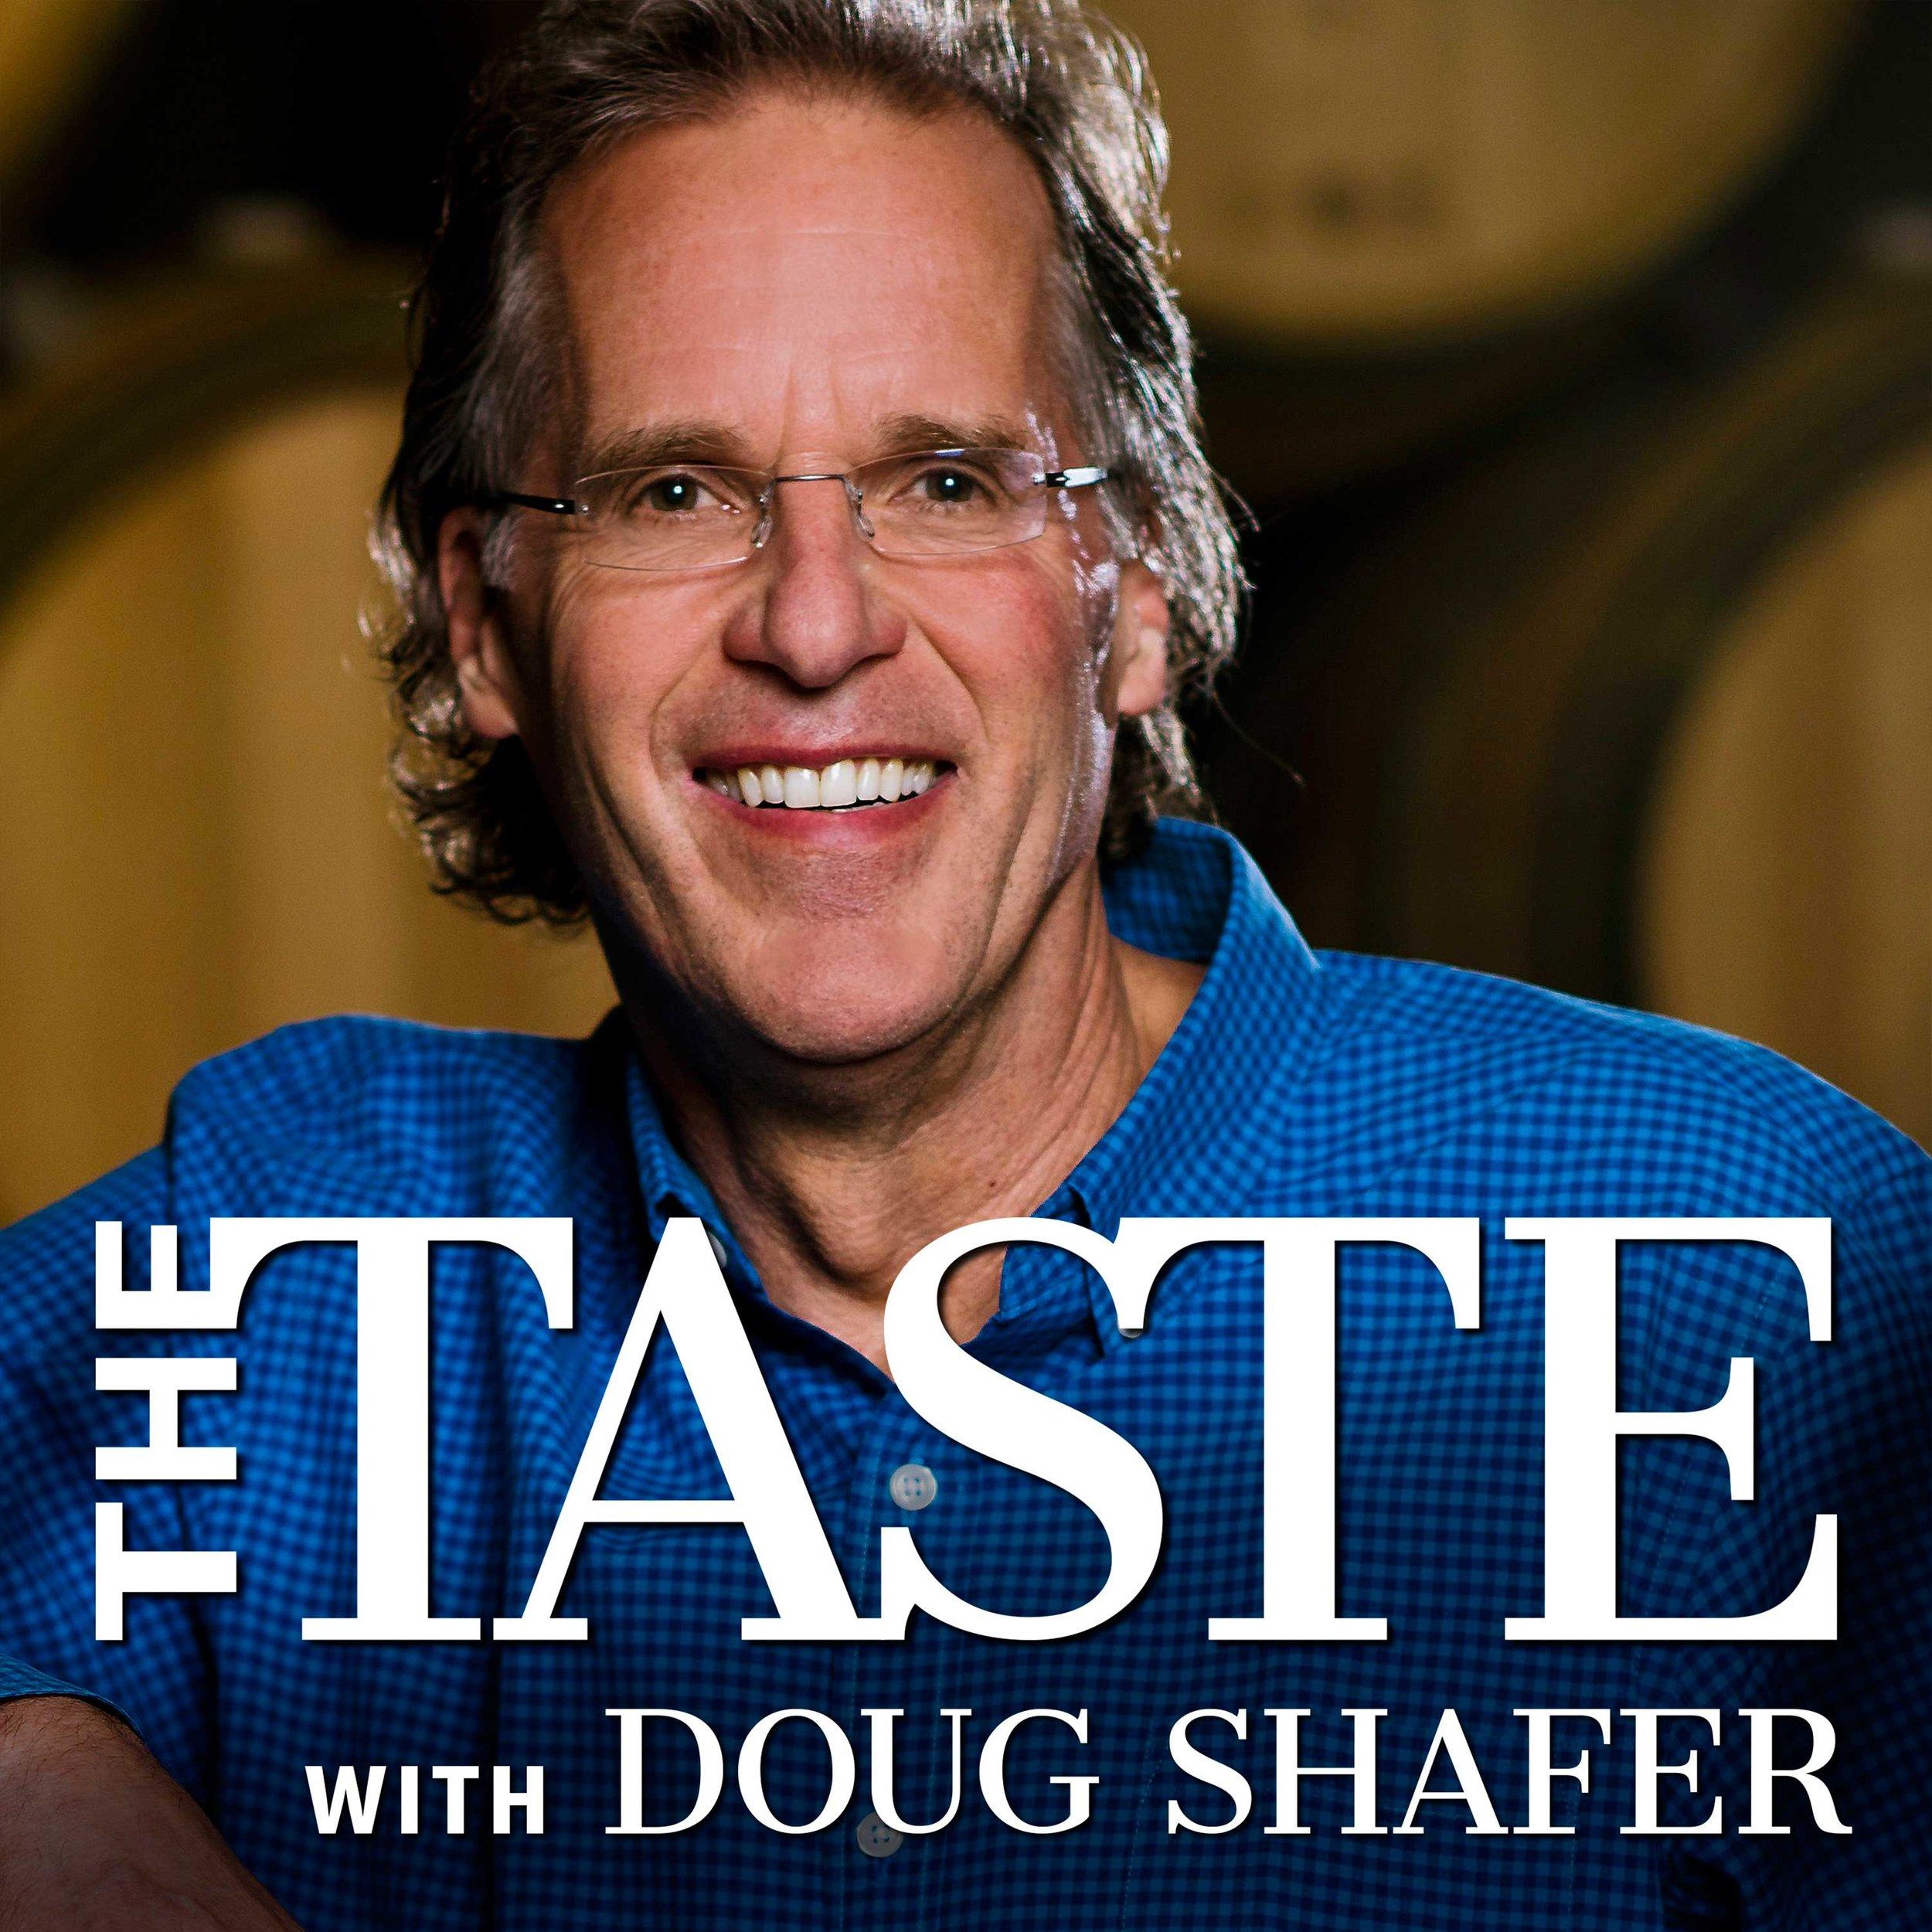 Doug Shafer from The Taste with Doug Shafer podcast.jpg